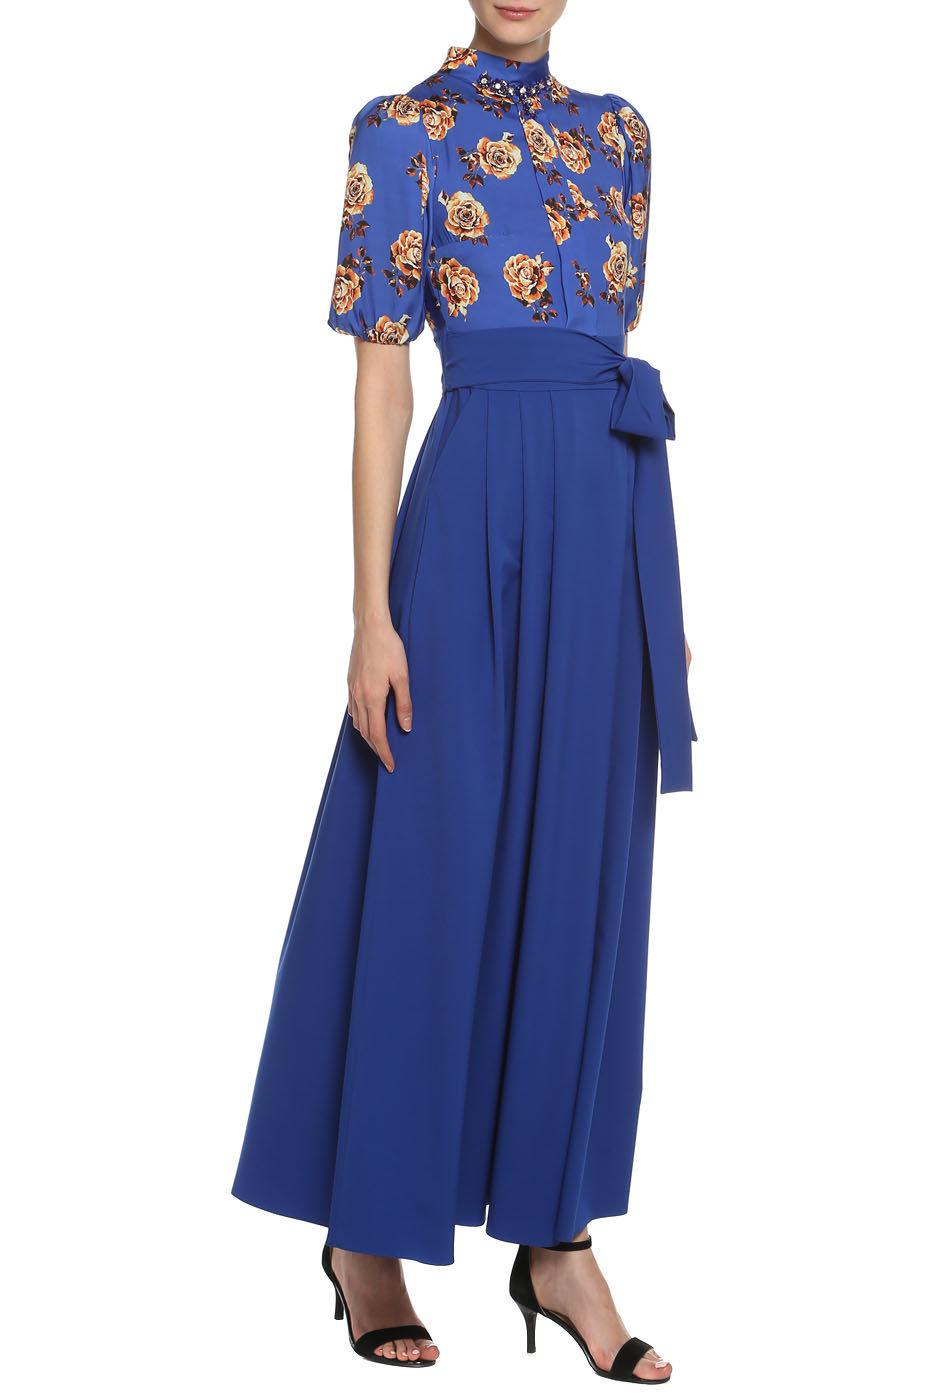 d2952849dd19 Брендовые вечерние и коктейльные платья темно синего цвета в интернет  магазине MSK-MODA ! Размеры